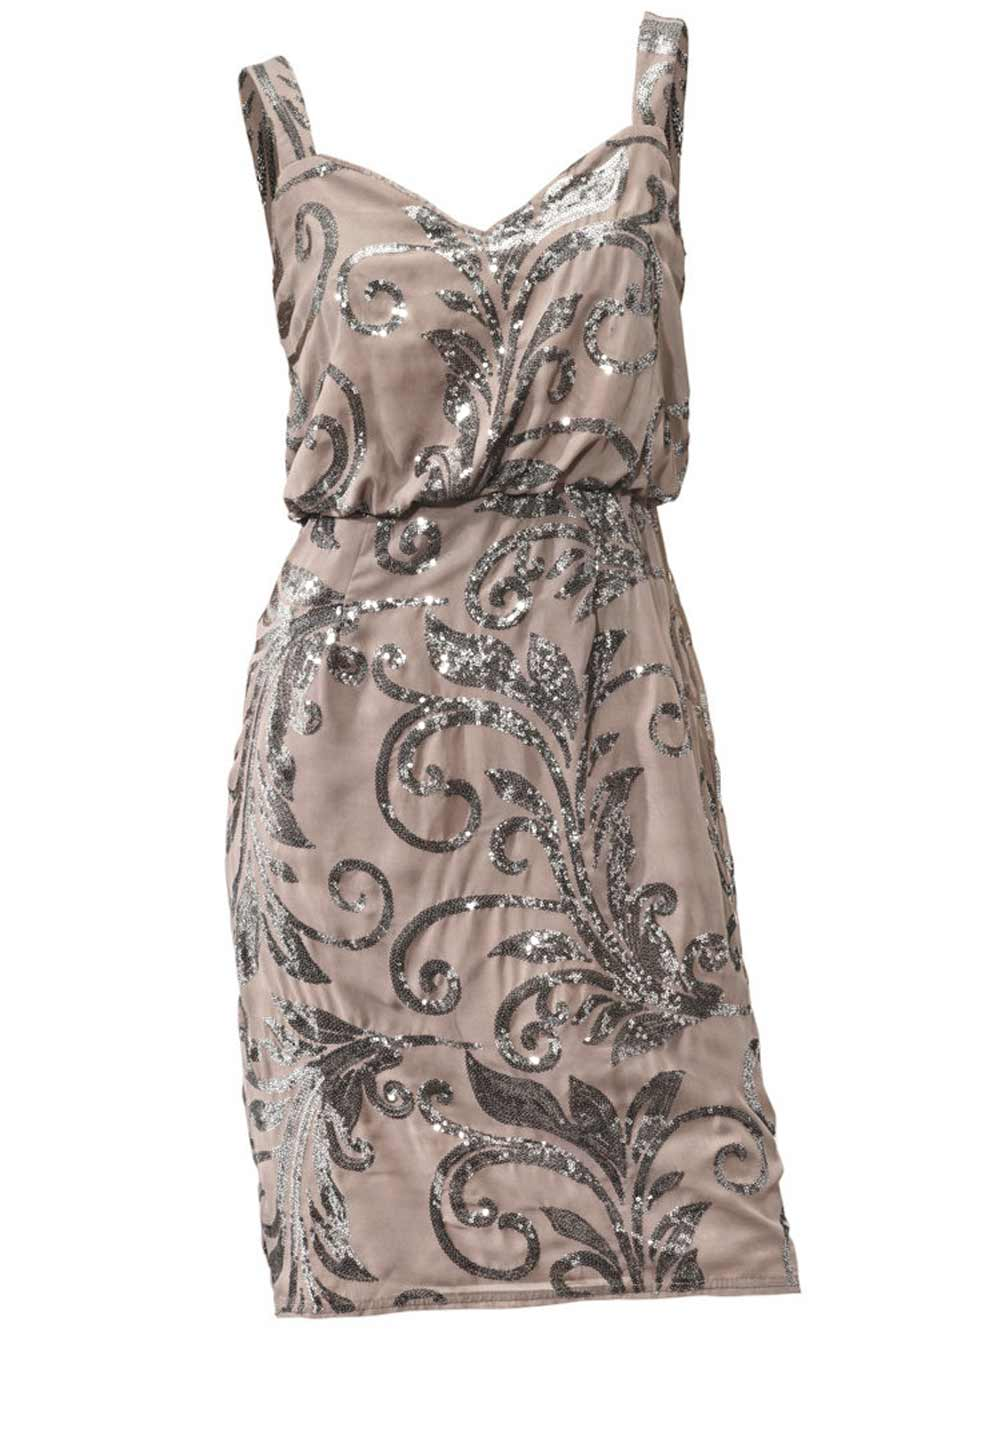 kurzes kleid für besondere anlässe Cocktailkleid m. Pailletten, taupe von Ashley Brooke event Grösse 34 006.639 Missforty